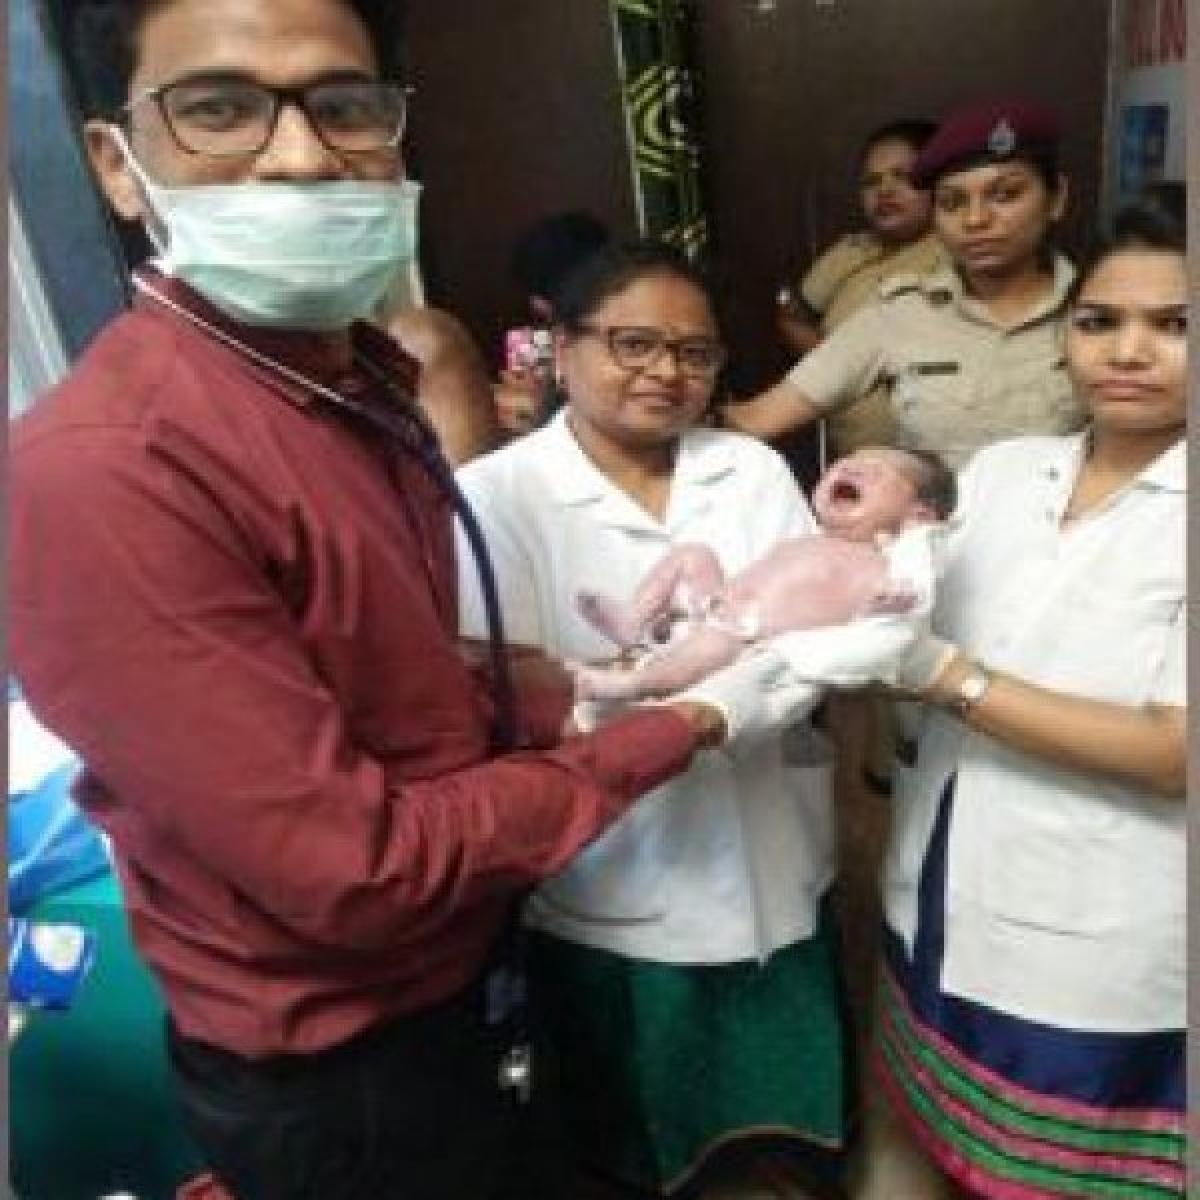 கைகொடுத்த ஒரு ரூபாய் க்ளினிக் - ரயில் நிலையத்தில் குழந்தையை பெற்றெடுத்த கர்ப்பிணி